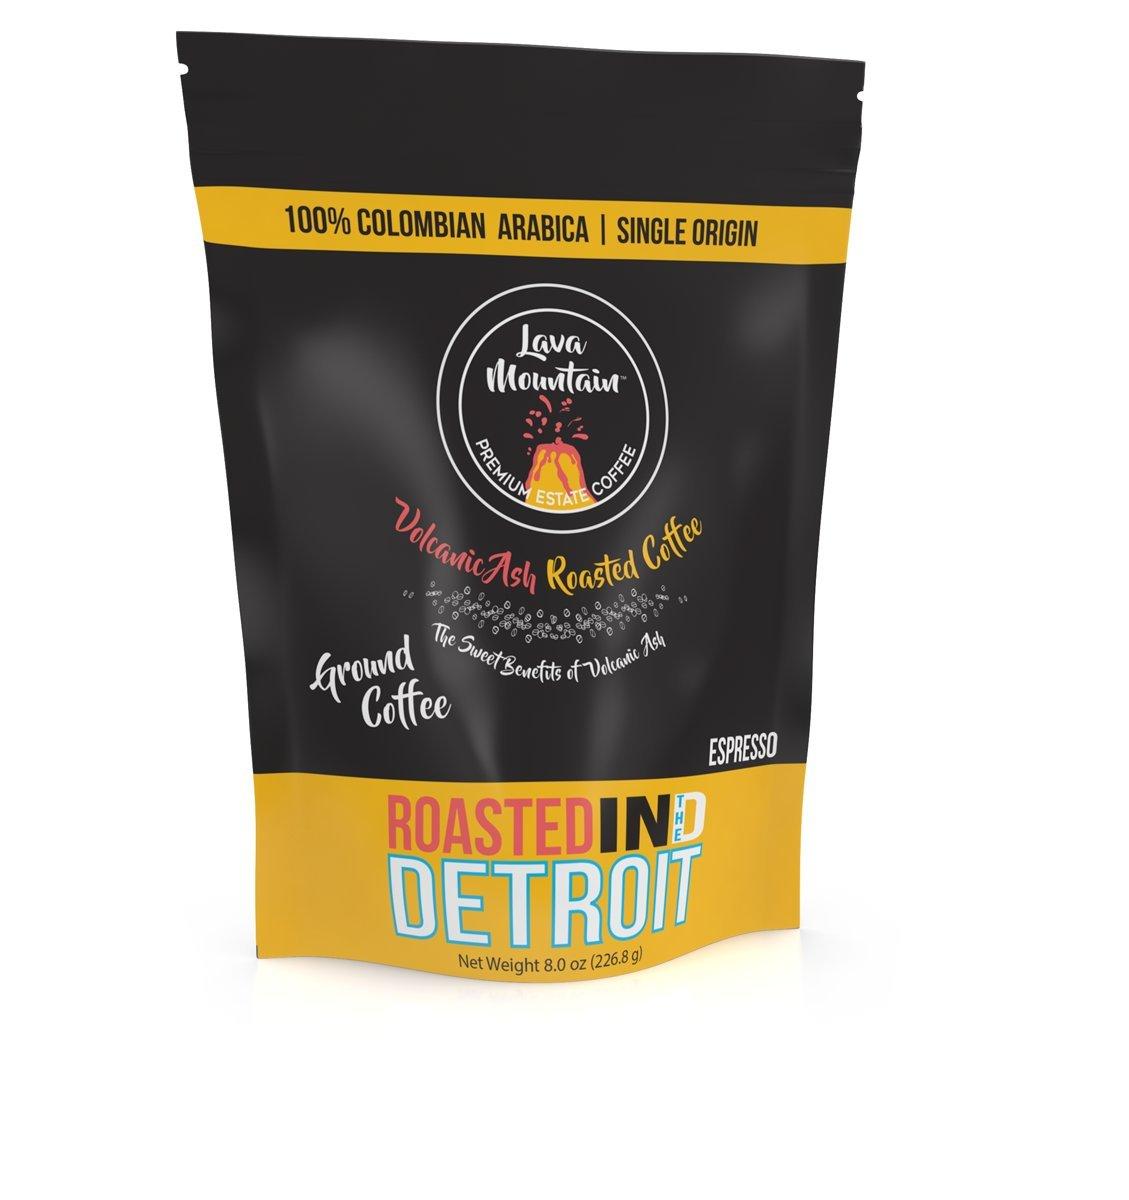 Lava Mountain Single Origin Colombia 8 oz Ground Coffee, Espresso Image